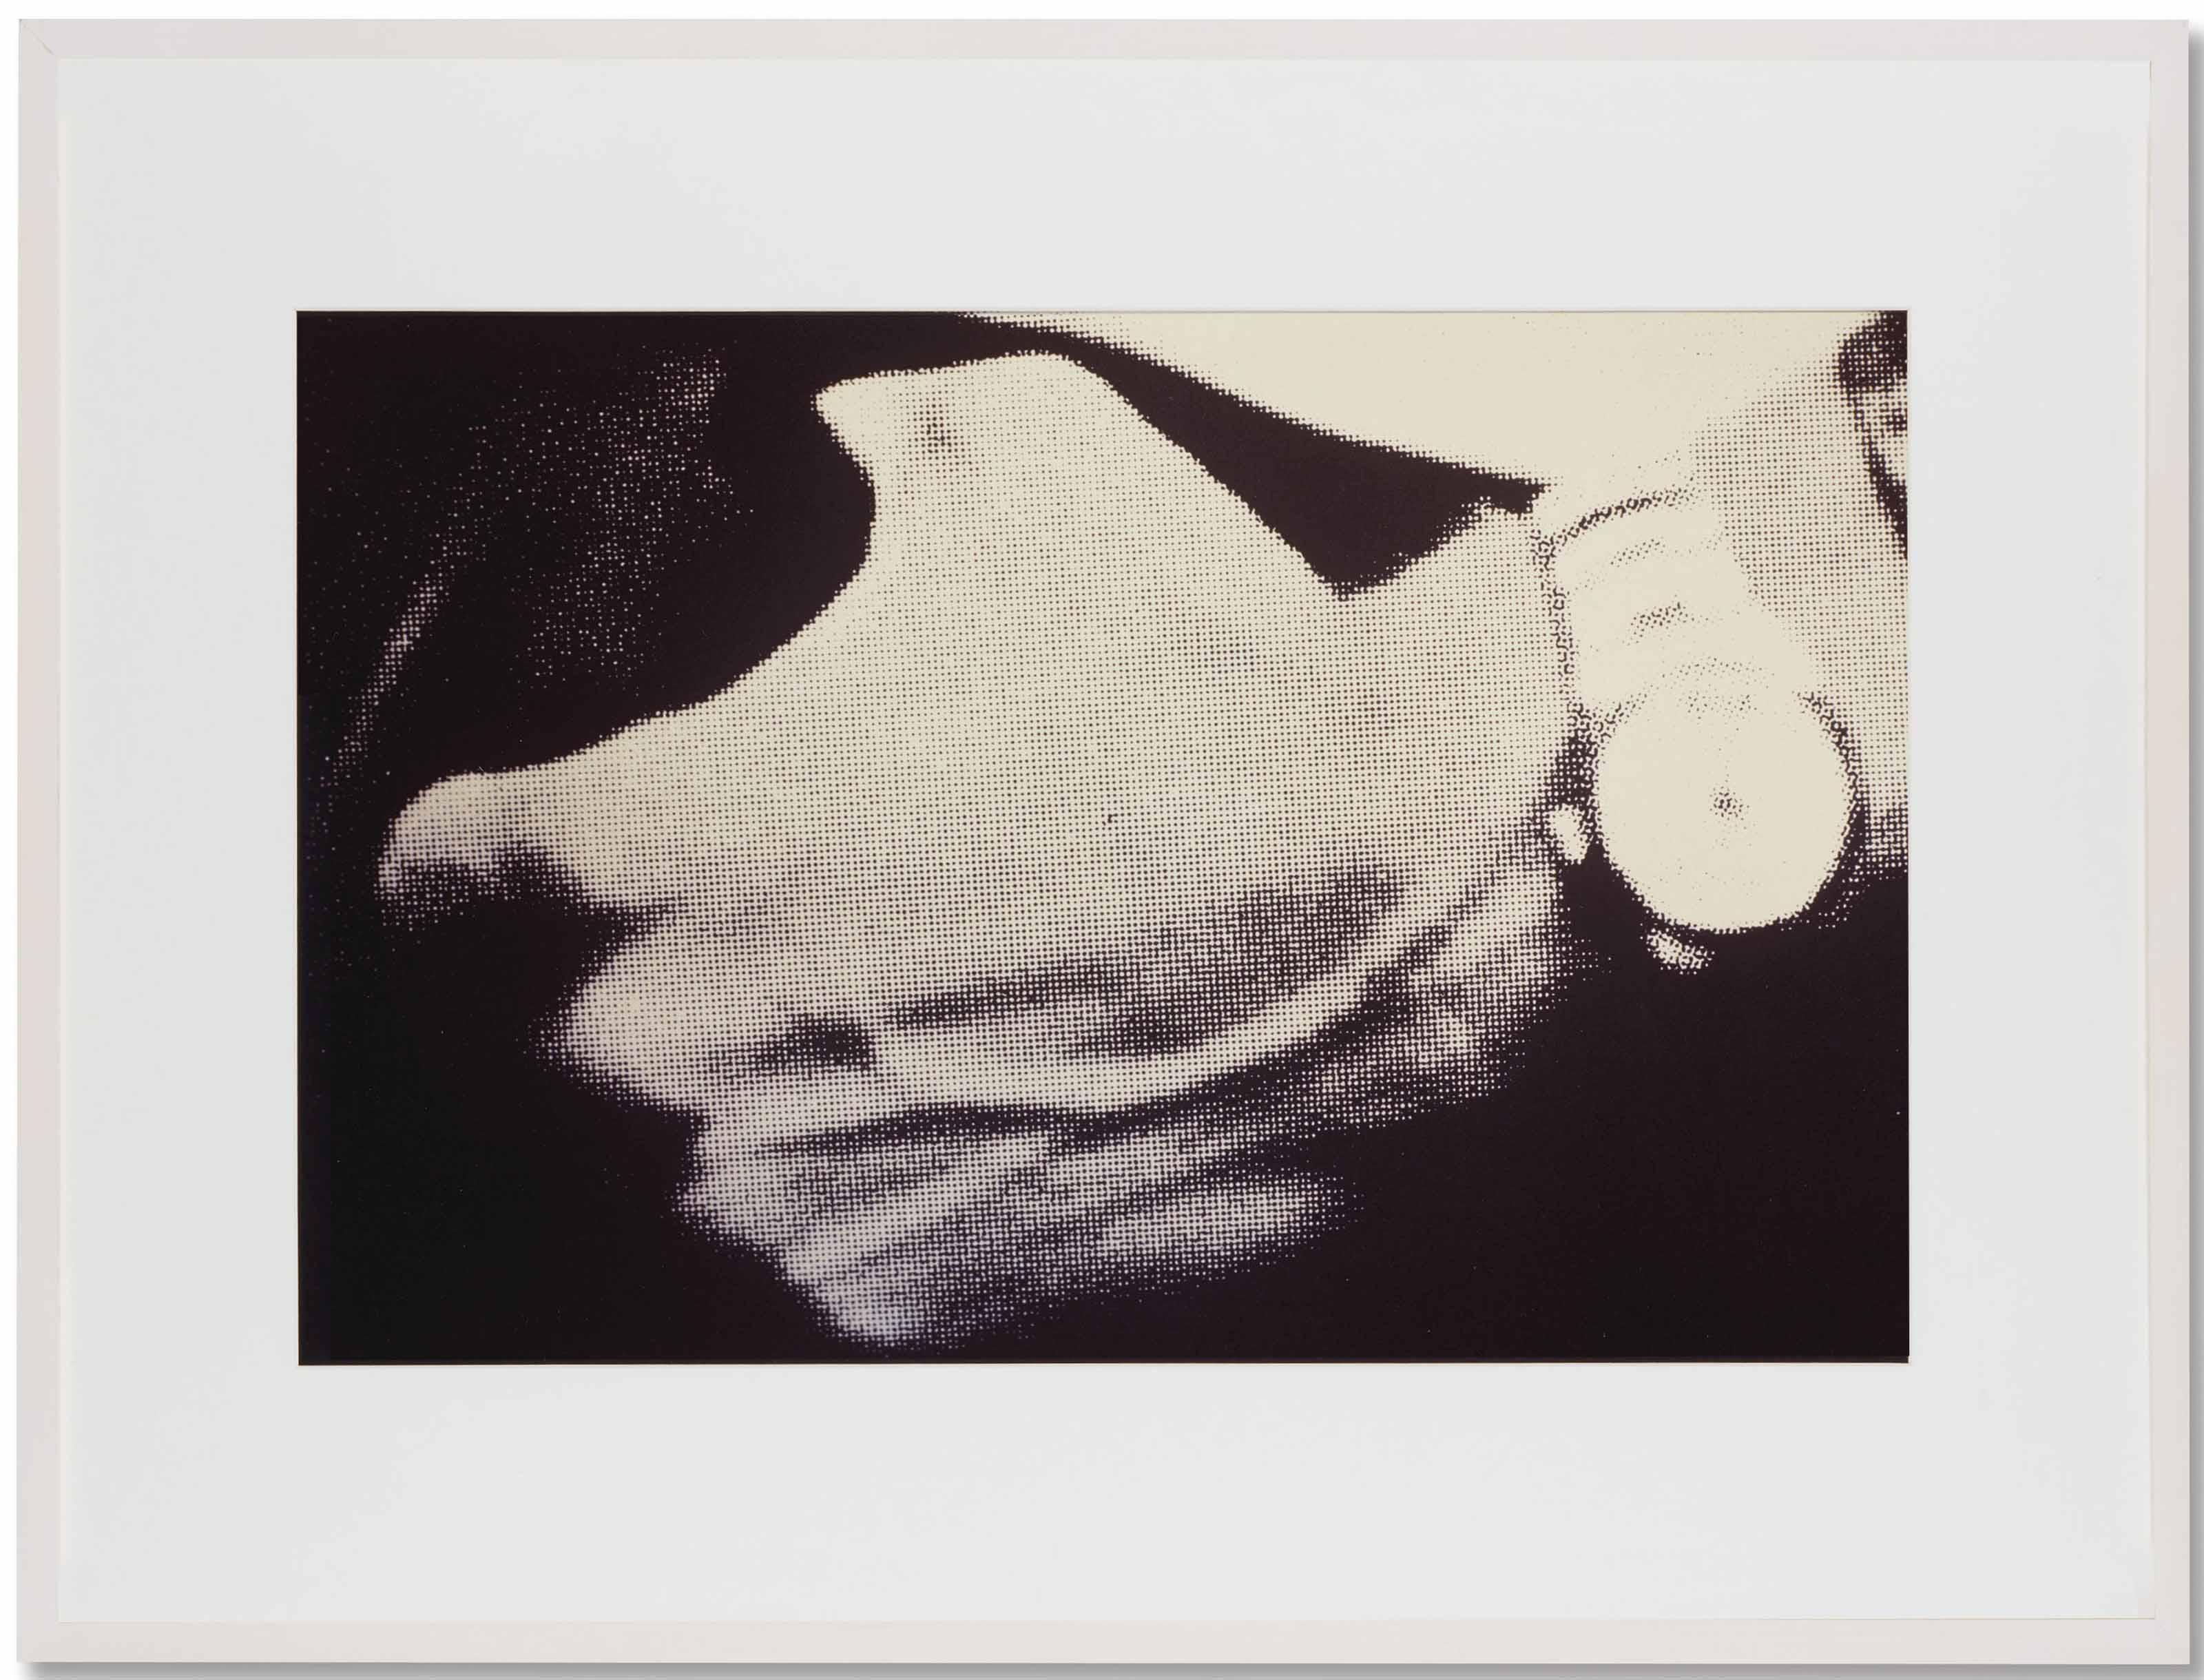 RICHARD PRINCE (NÉ EN 1949)